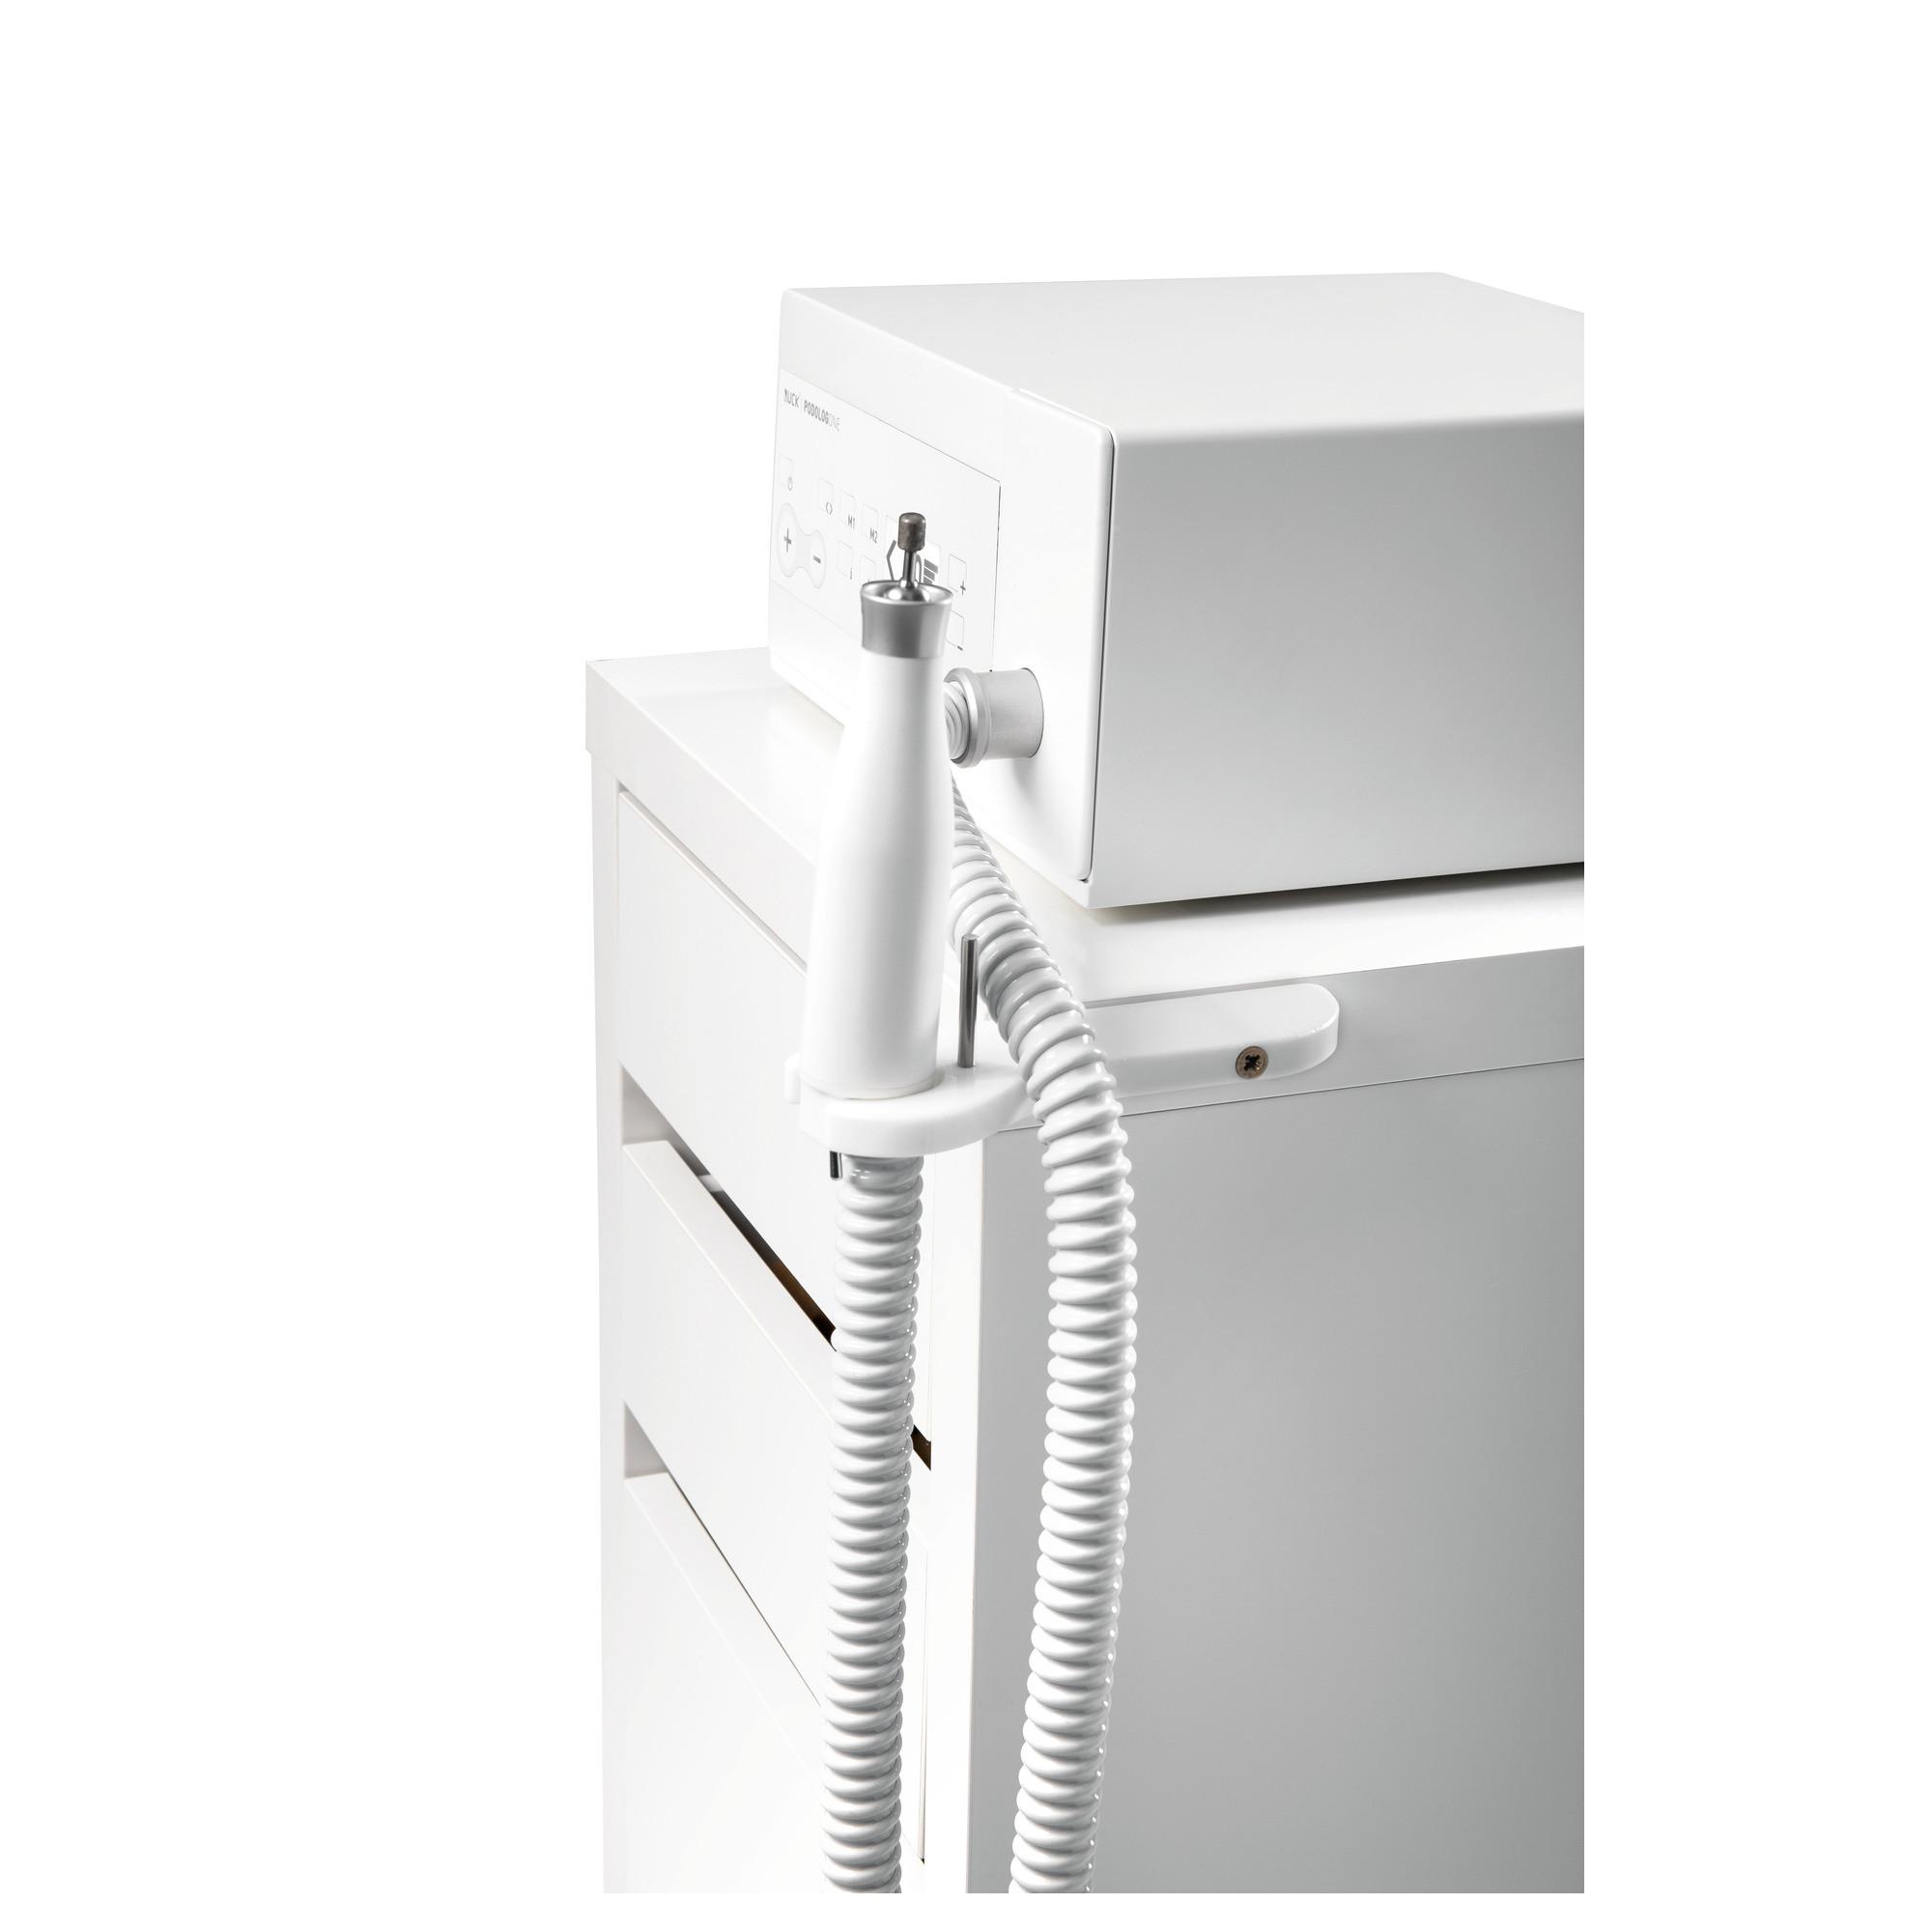 Support de pièce à main pour armoire murale ou extérieure - Podolog ECO - Ruck